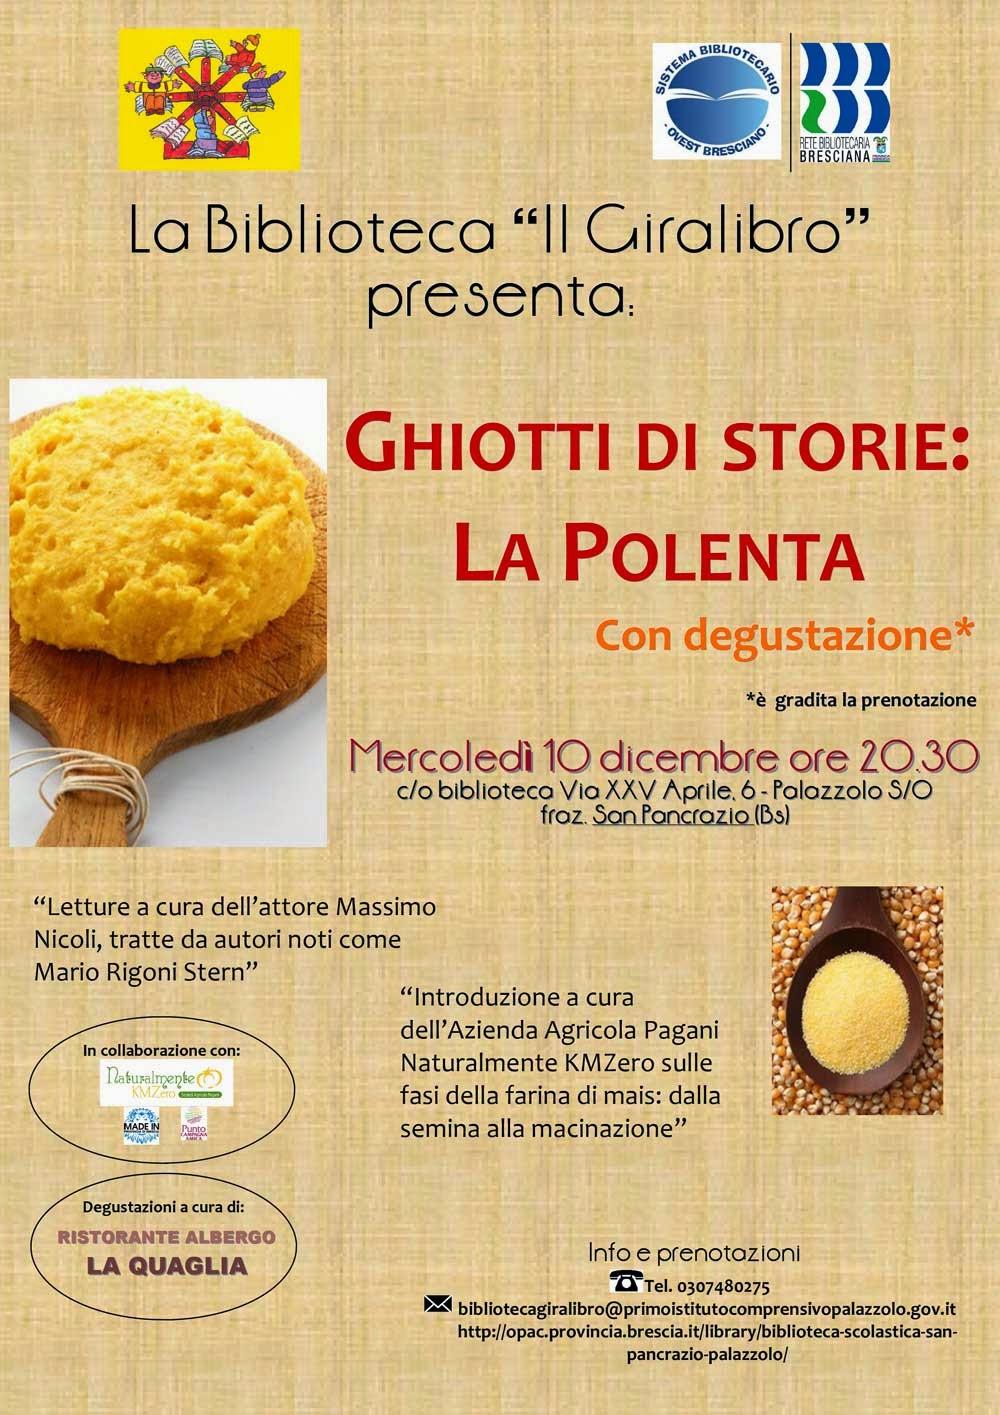 Ghiotti di storie: la polenta